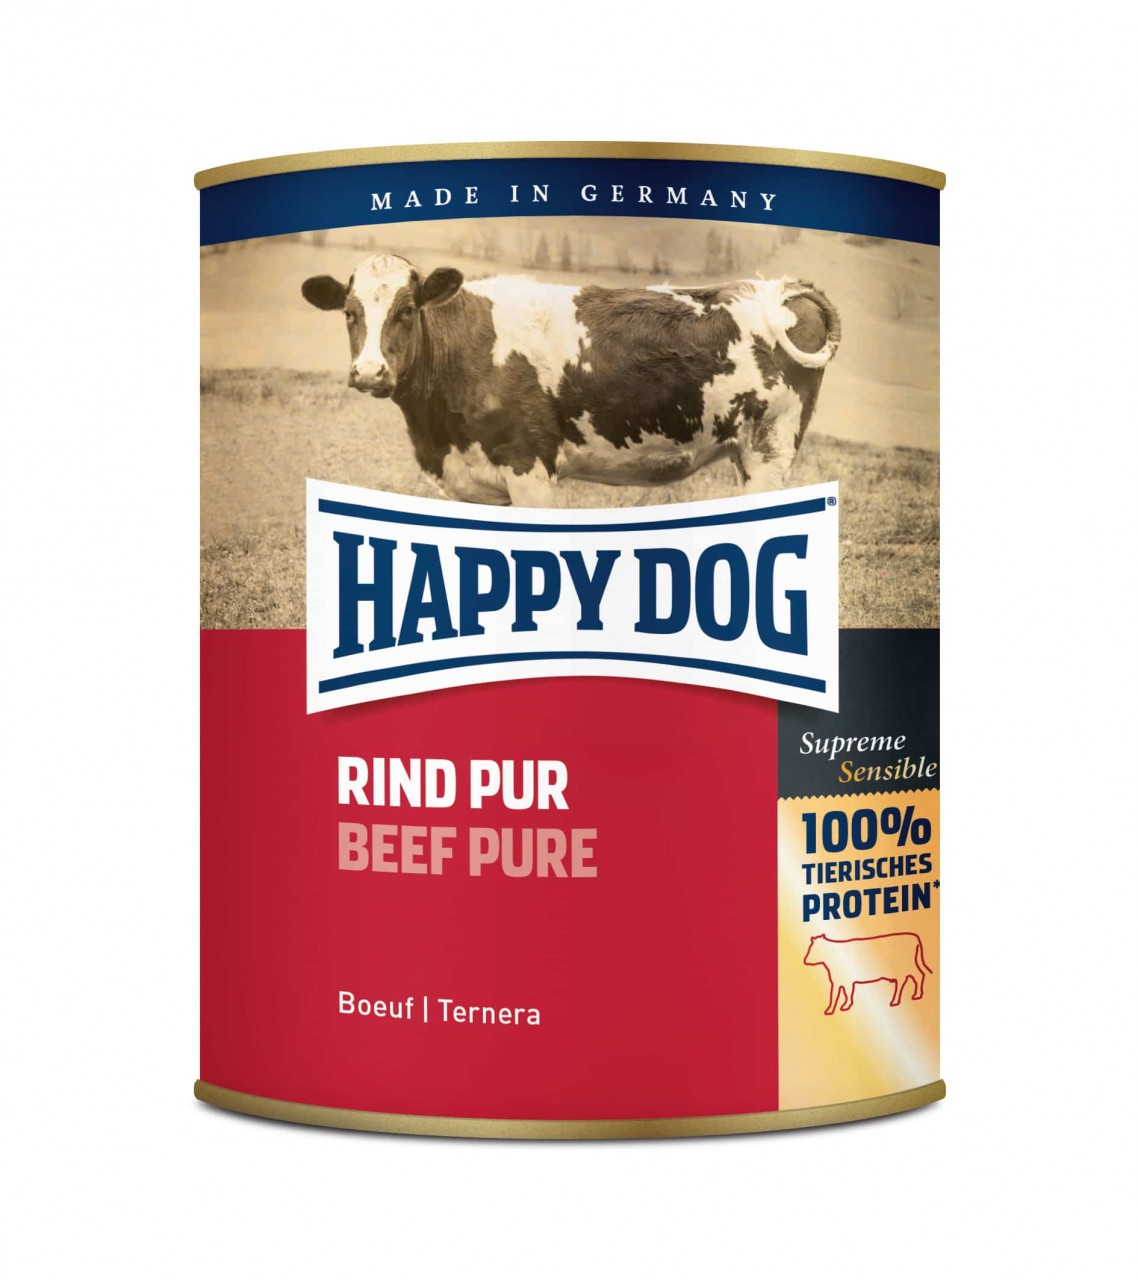 6 x 800g Happy Dog Dose Rind Pur getreidefrei 100% tierisches Protein